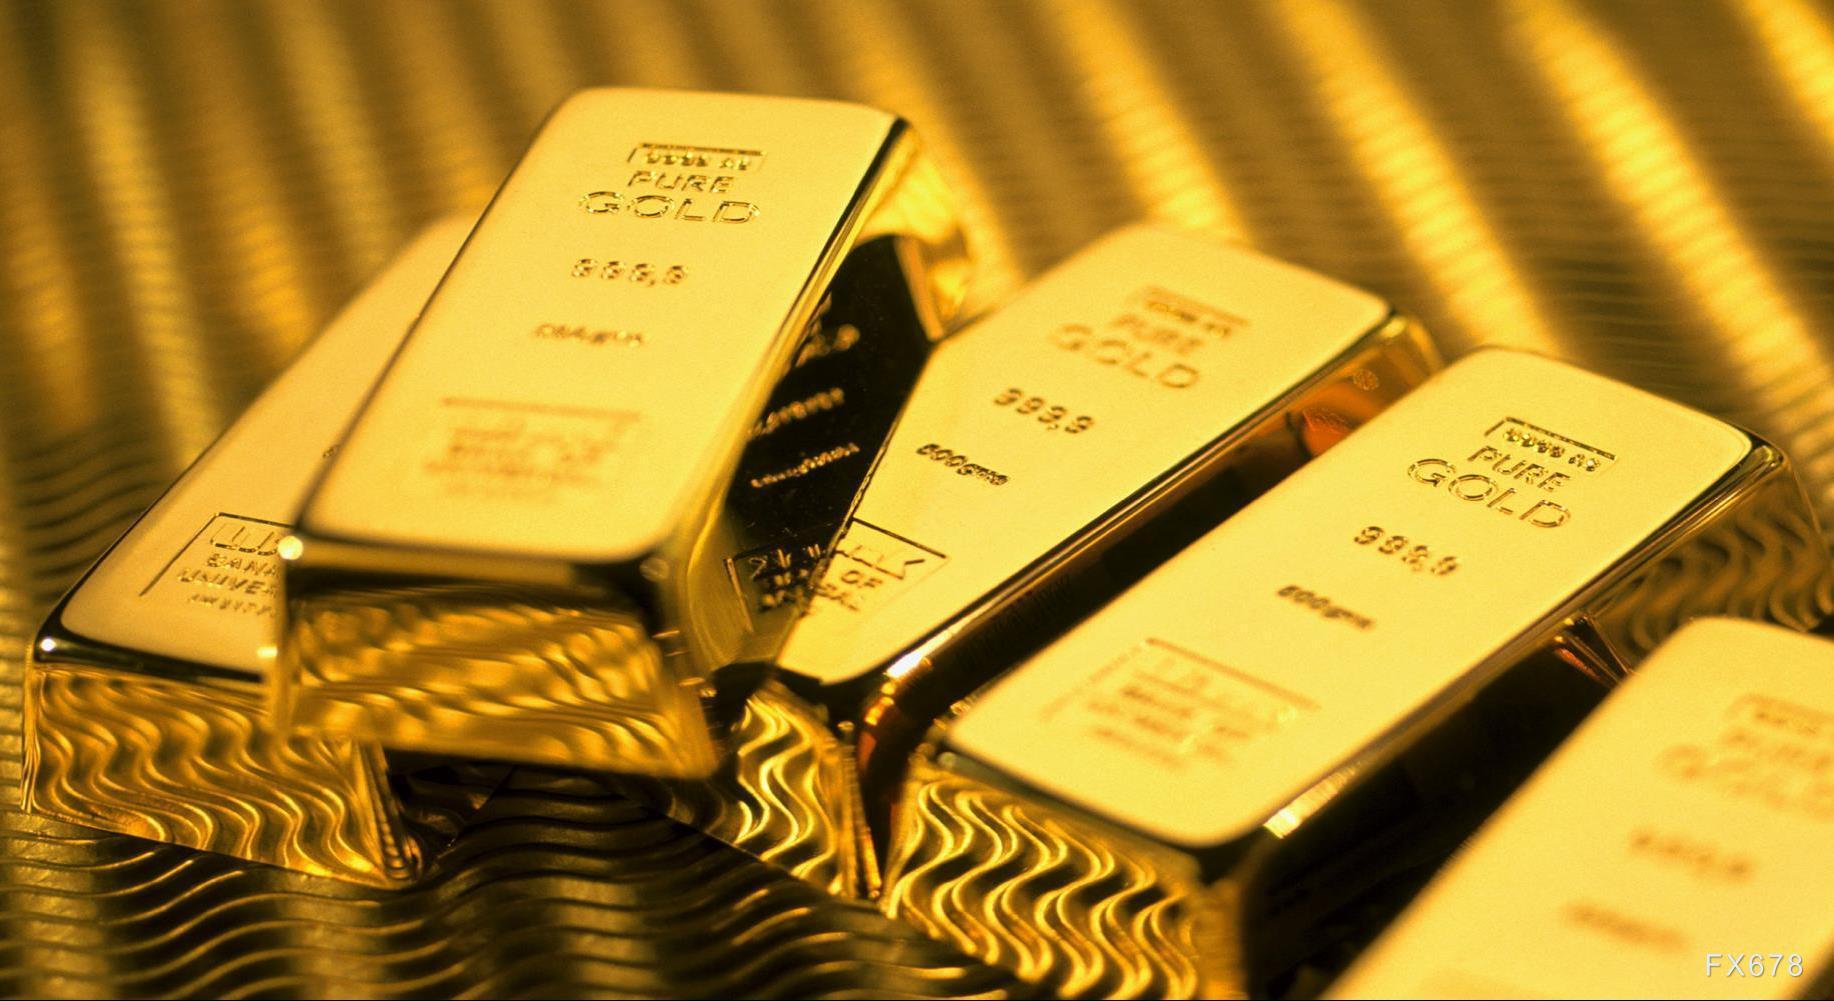 黄金交易提醒:全球债务飚至GDP的3.5倍!多头的机会可